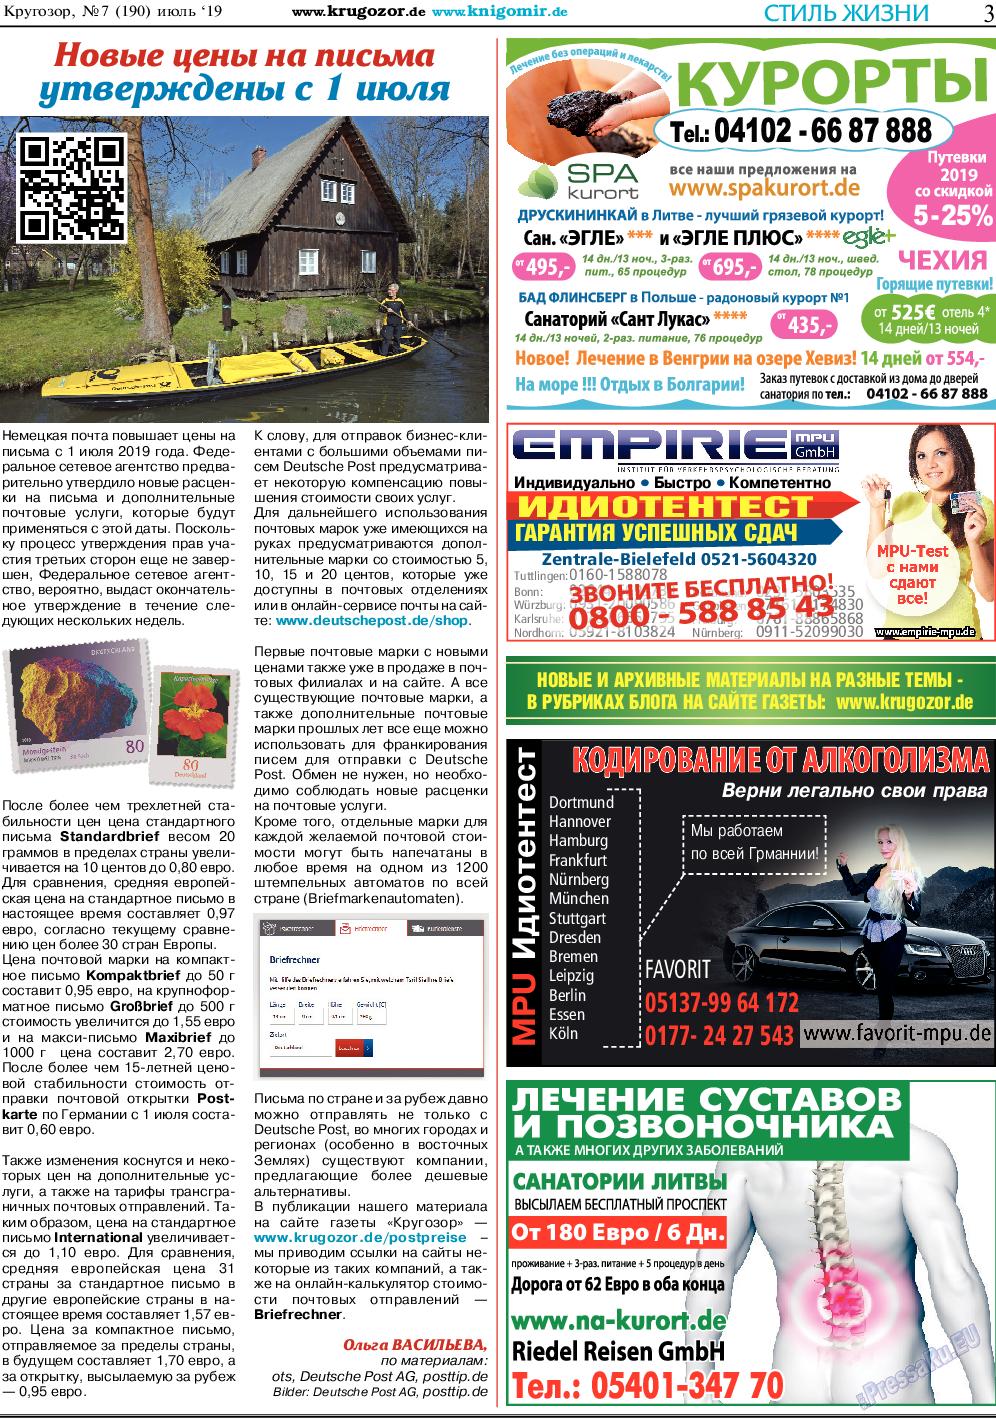 Кругозор (газета). 2019 год, номер 7, стр. 3